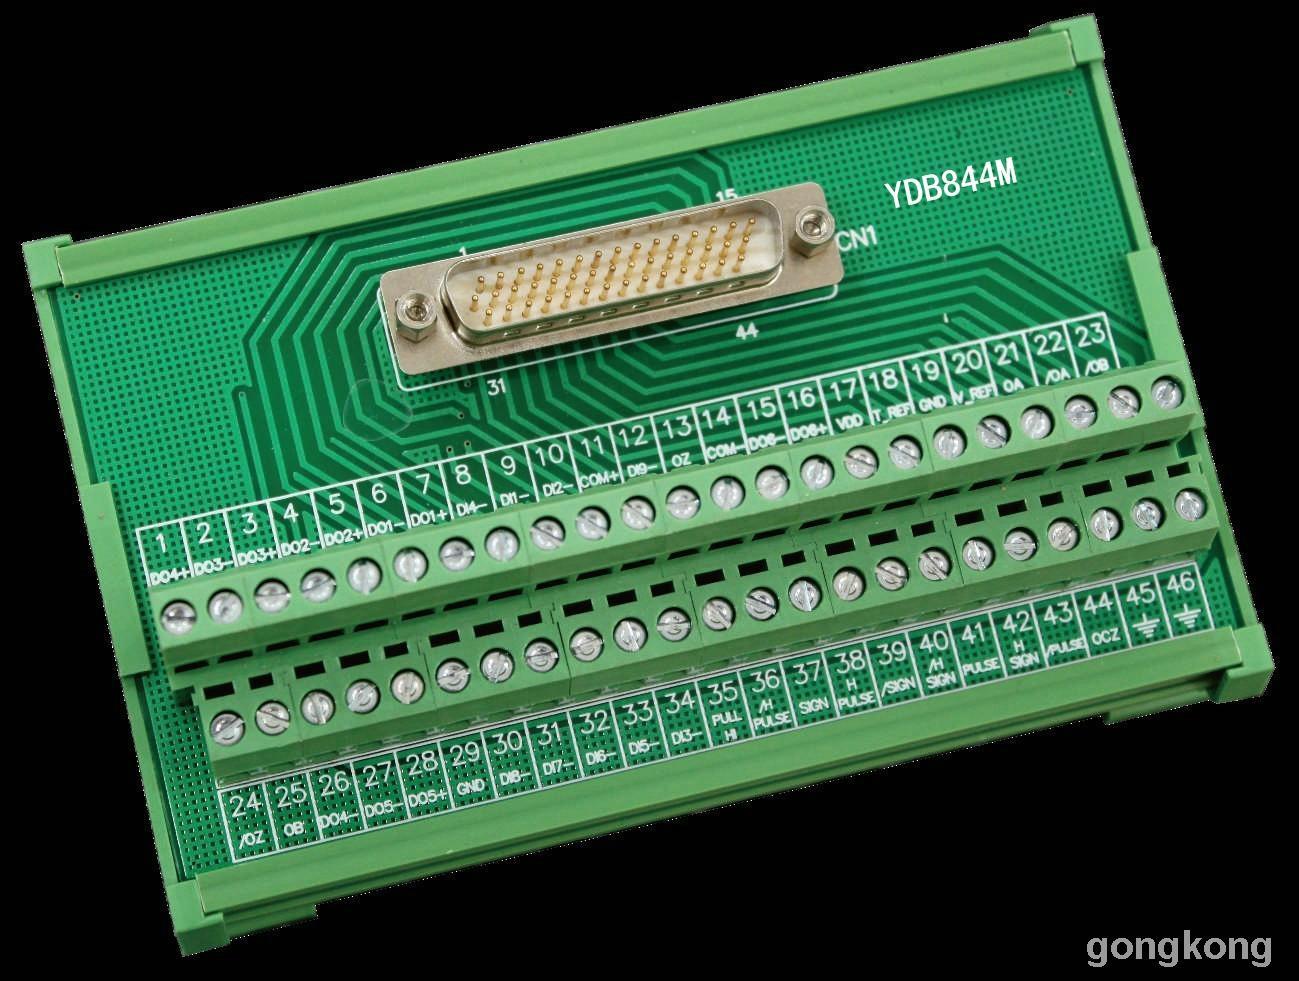 礹/&�k��-�y��ydb�cez#���_模组块 仿欧姆龙继电器 台达伺服驱动器模组 ydb844m宇联模组块